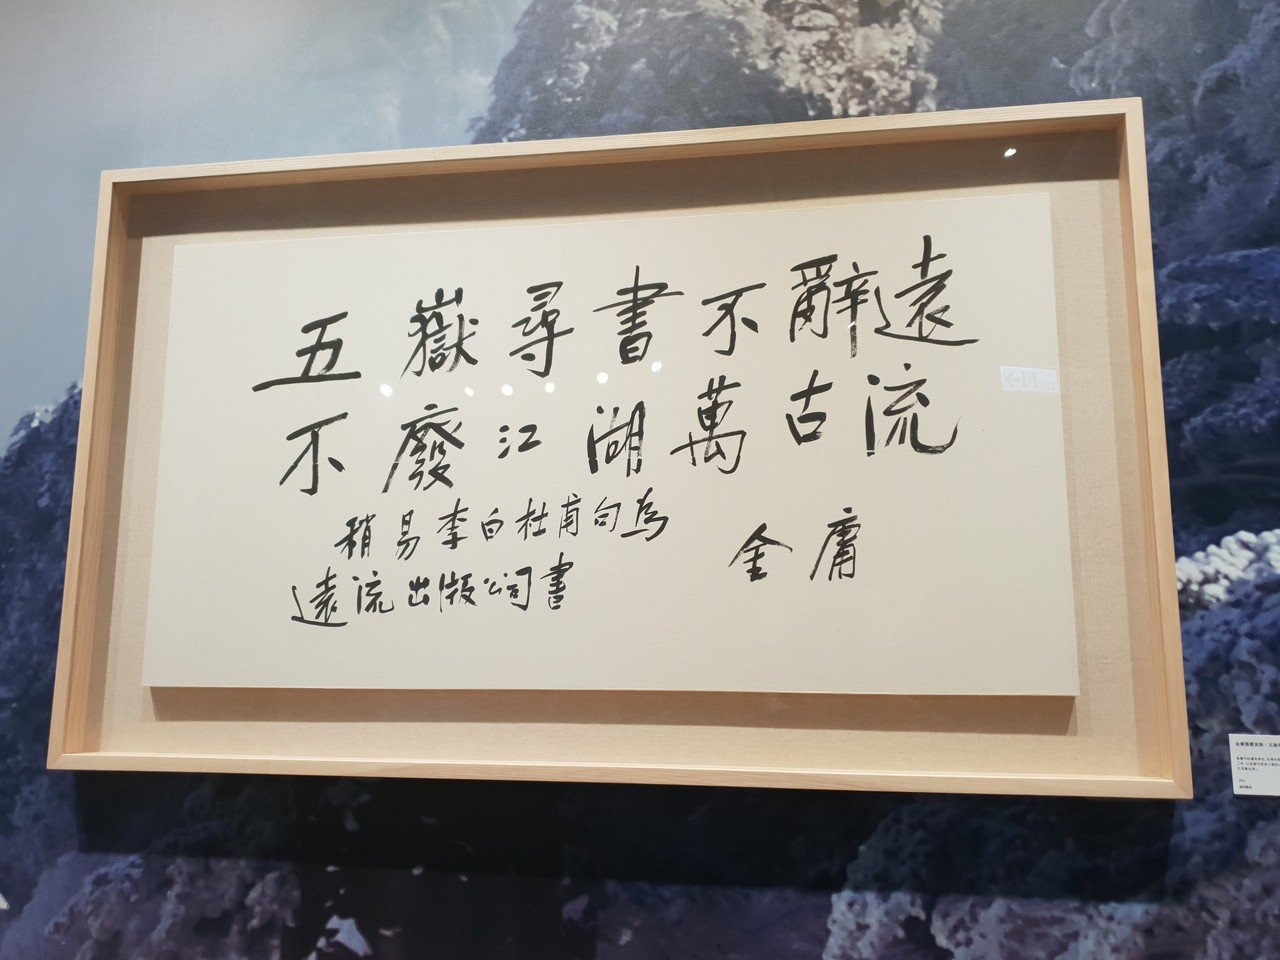 金庸親筆所寫「五嶽尋書不辭遠,不廢江湖萬古流」。記者陳宛茜/攝影